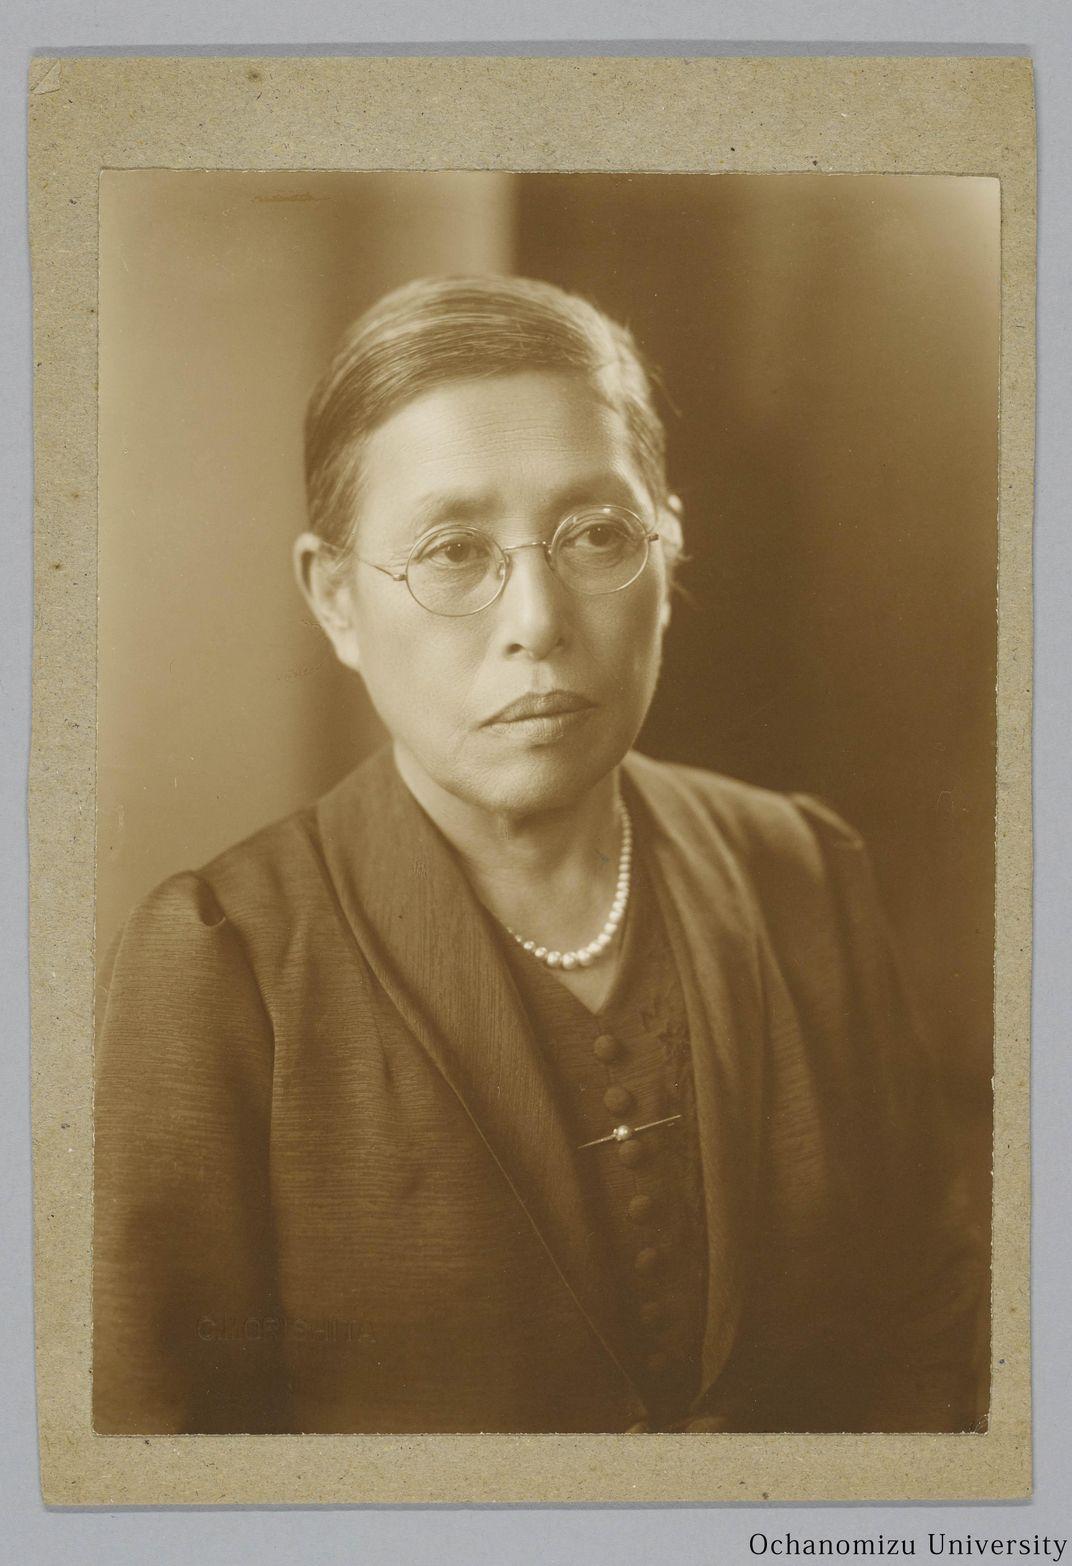 How a Pioneering Botanist Broke Down Japan's Gender Barriers